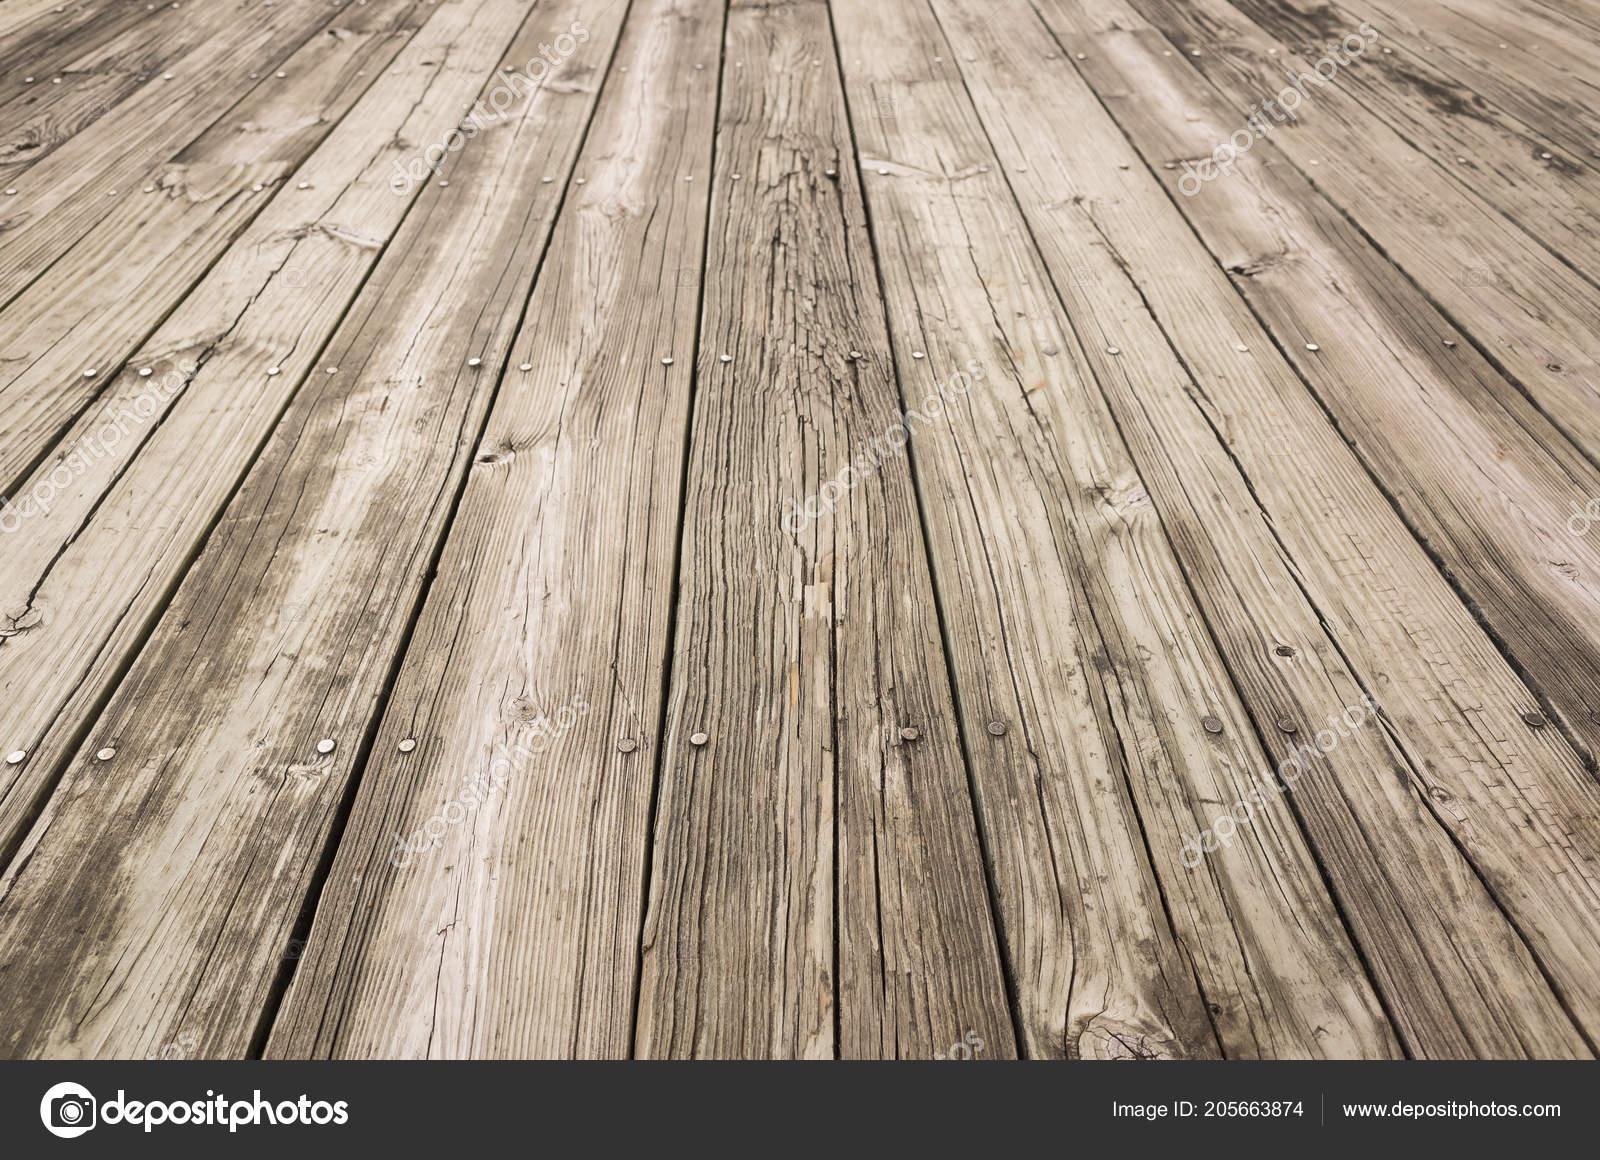 Immagine Sfondo Top Piano Tavolo Legno — Foto Stock © elwynn #205663874